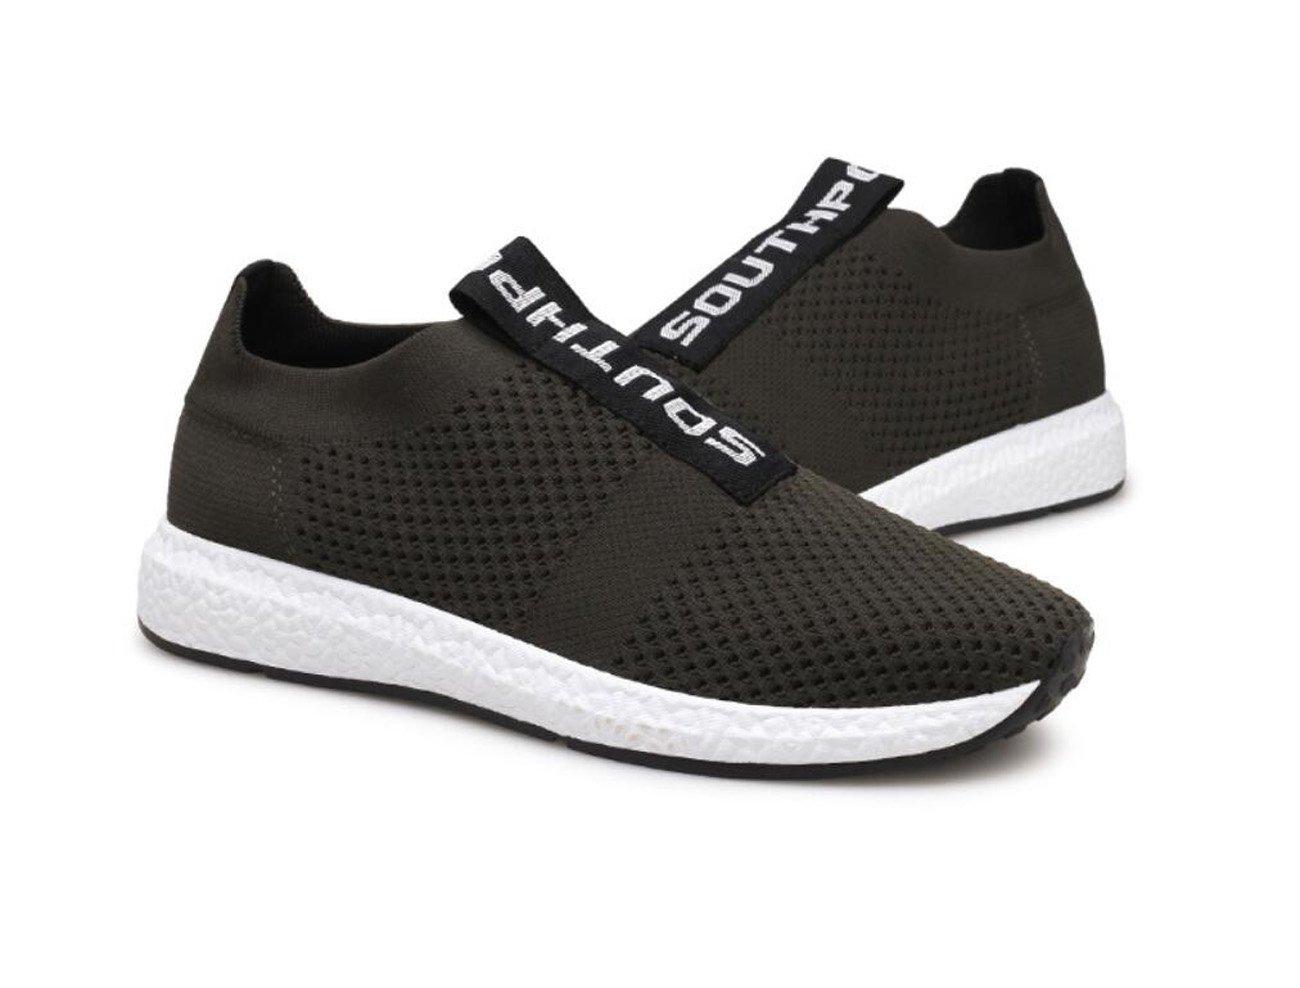 Laufende Laufende Laufende Schuhe der Männer Breathable Vlies-Maschen-beiläufige Schuhe Eignung-im Freien arbeiten Sport-Schuhe um B07C5MQP8S Kletterschuhe Sonderangebot 140ec3